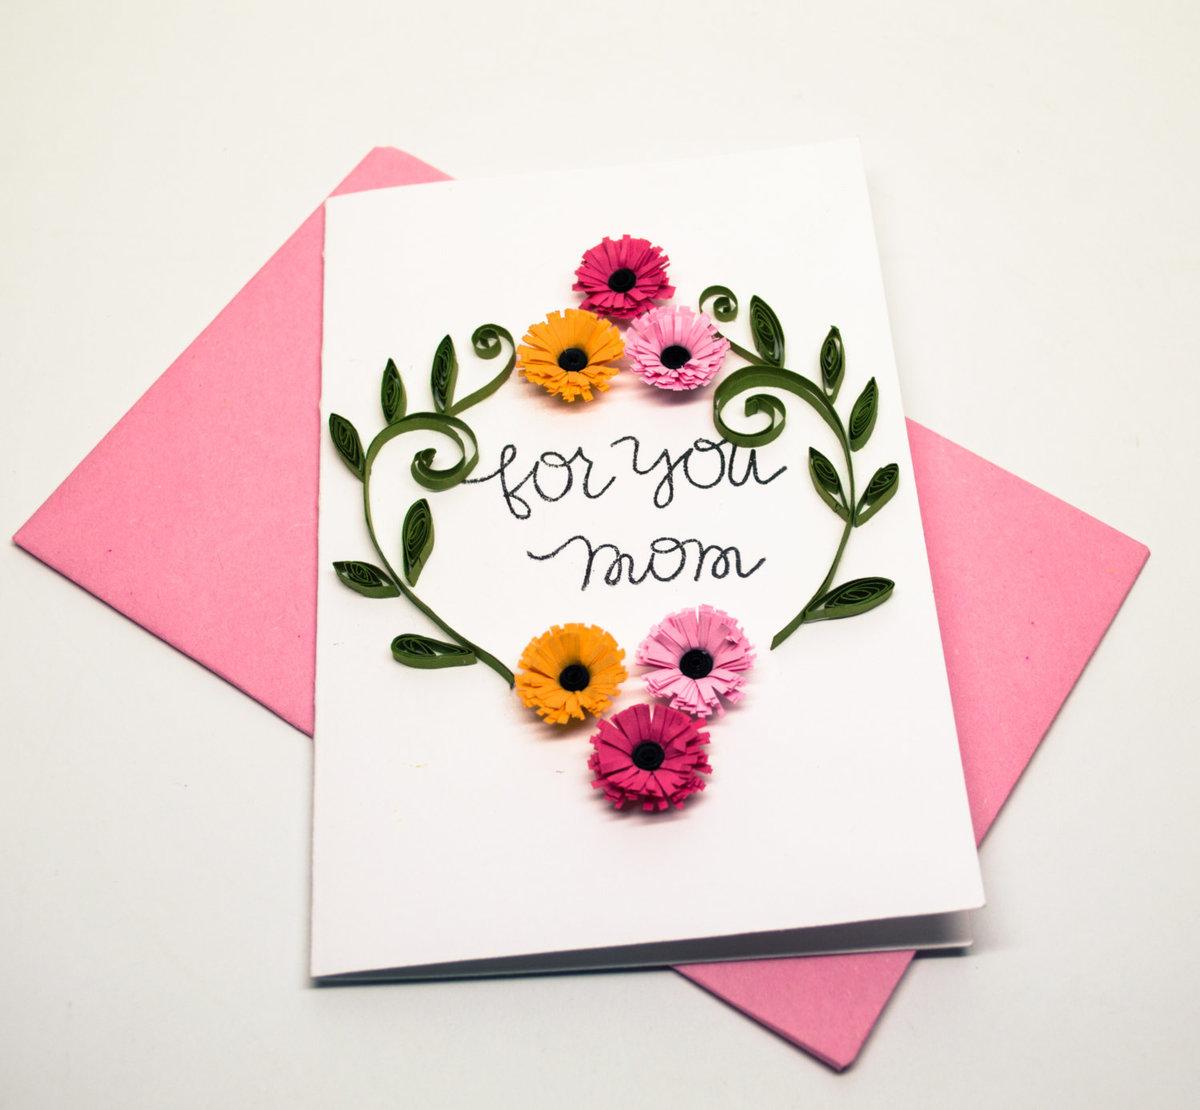 Картинки, открытки маме на день рождения своими руками картинки